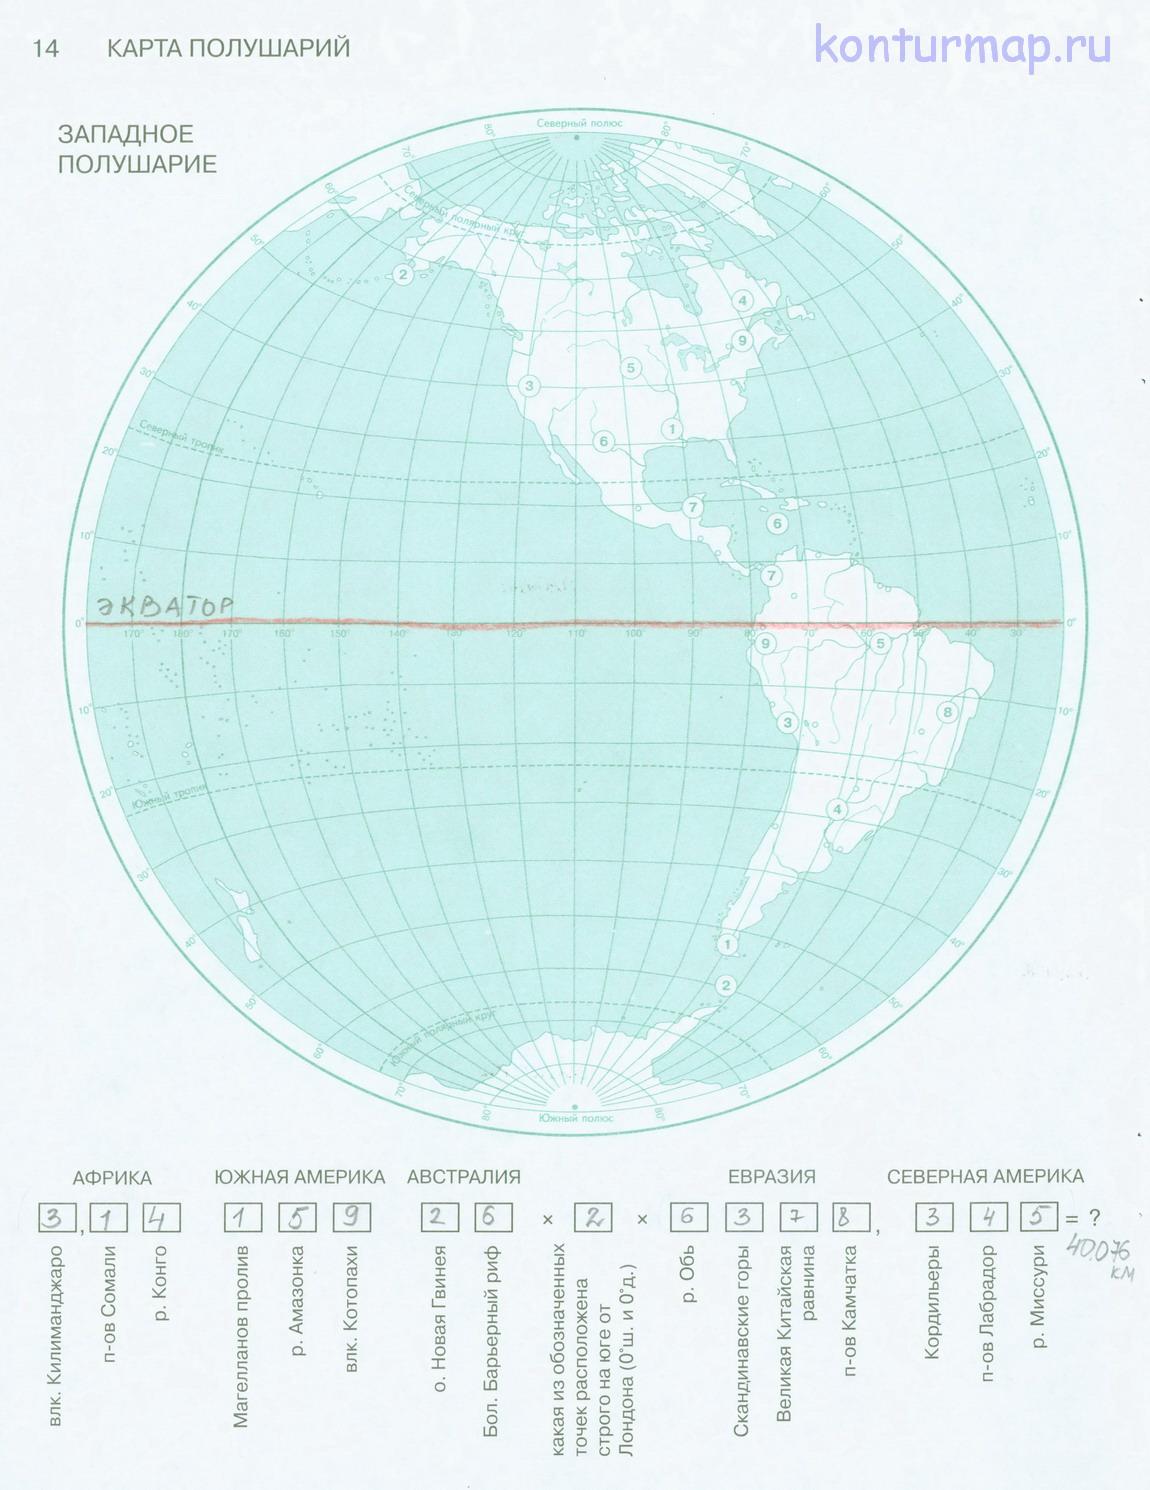 Контурная карта полушарий 6 класс a